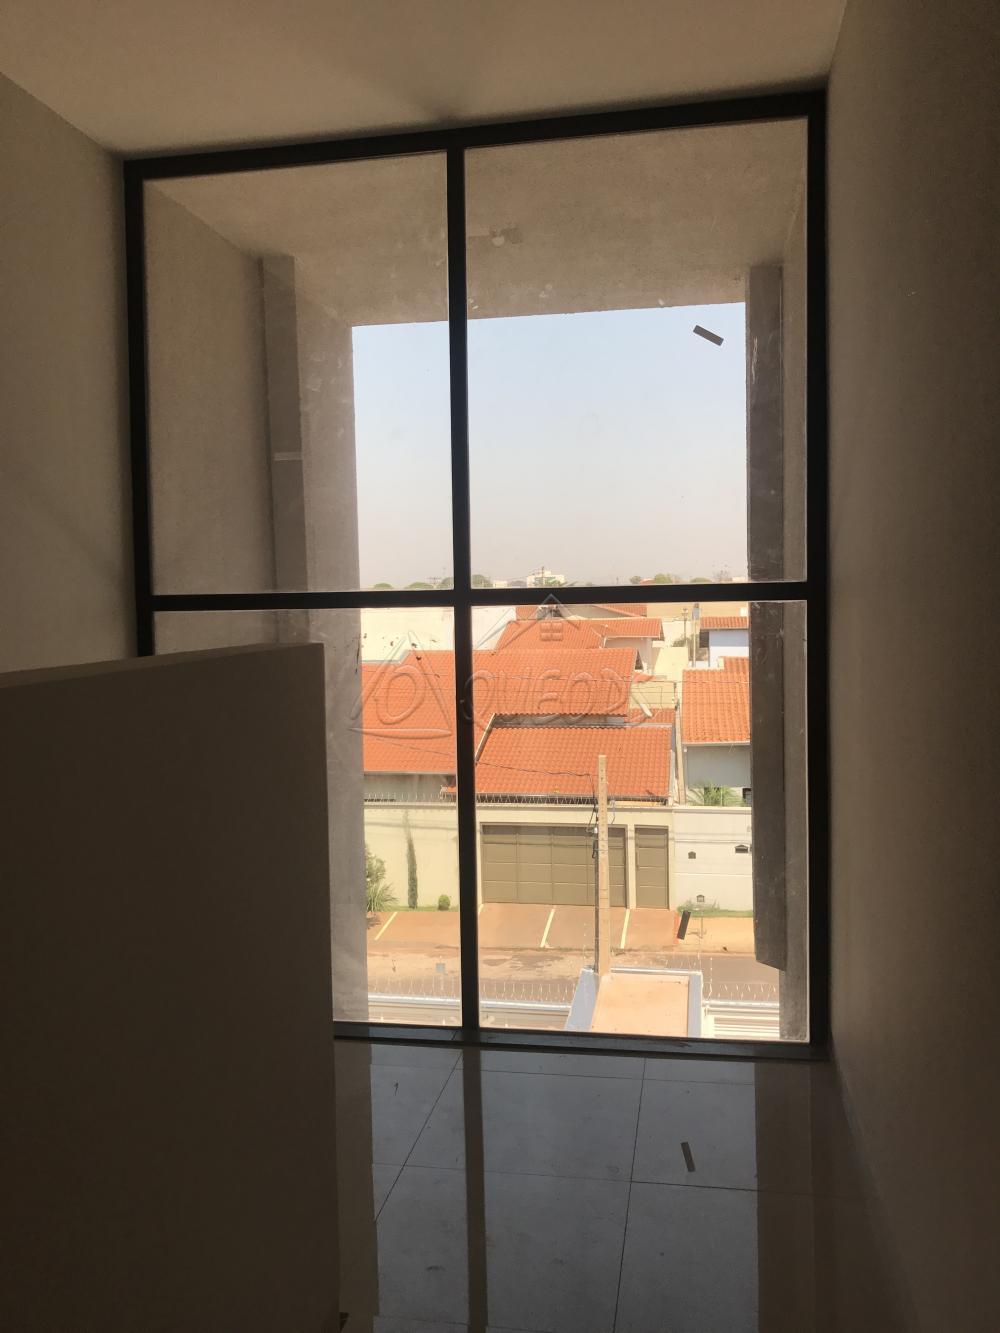 Alugar Apartamento / Padrão em Barretos apenas R$ 1.800,00 - Foto 19